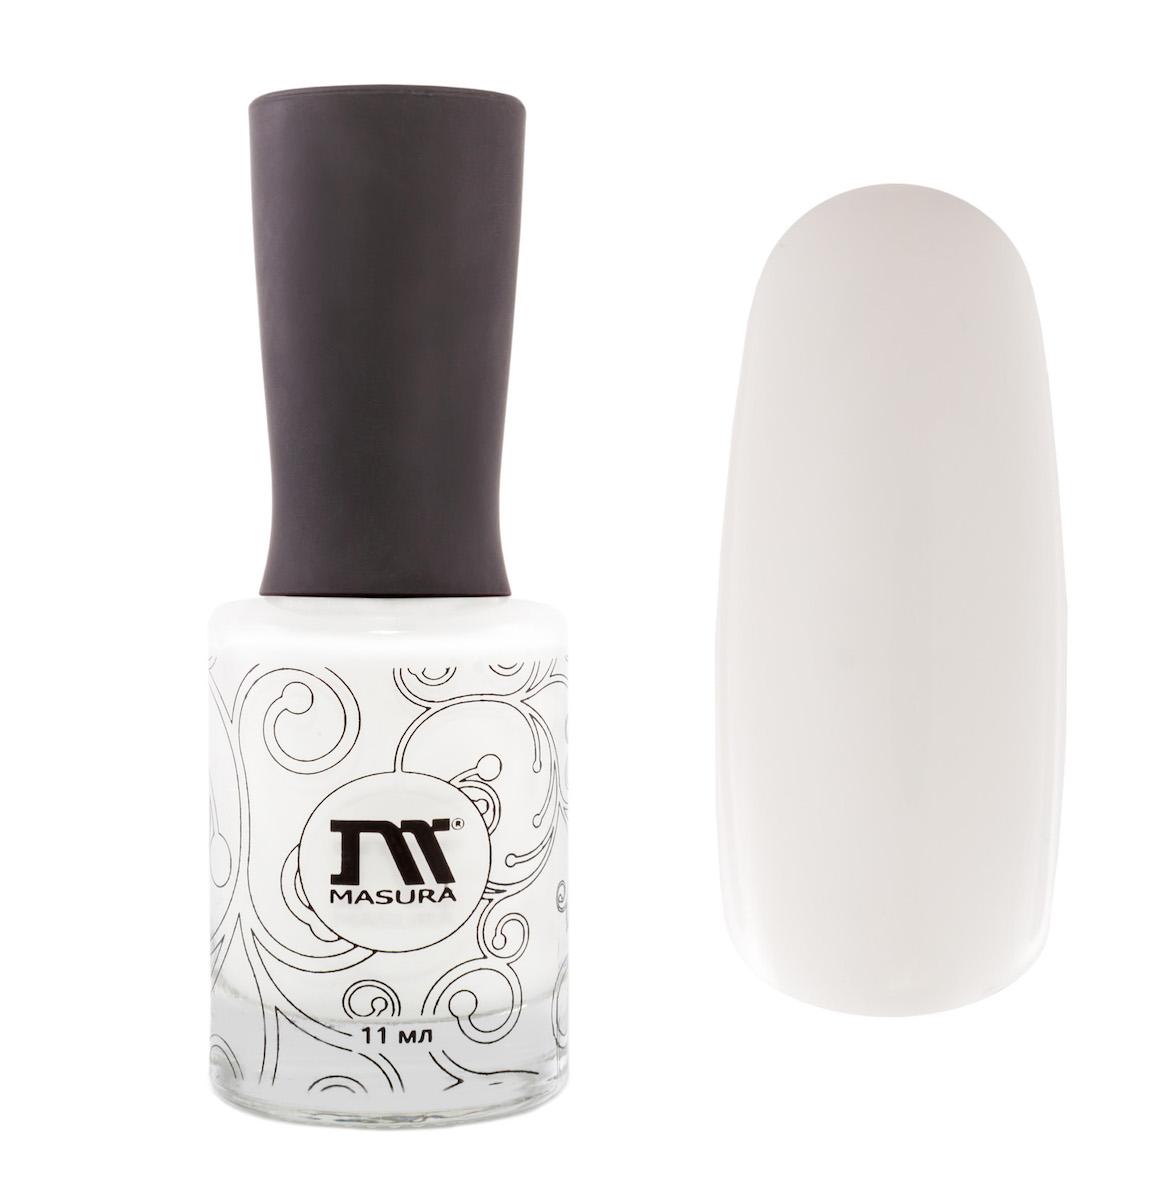 Masura Лак для ногтей Белый Танец, 11 мл1002Кипельно-белый, для французского маникюра.